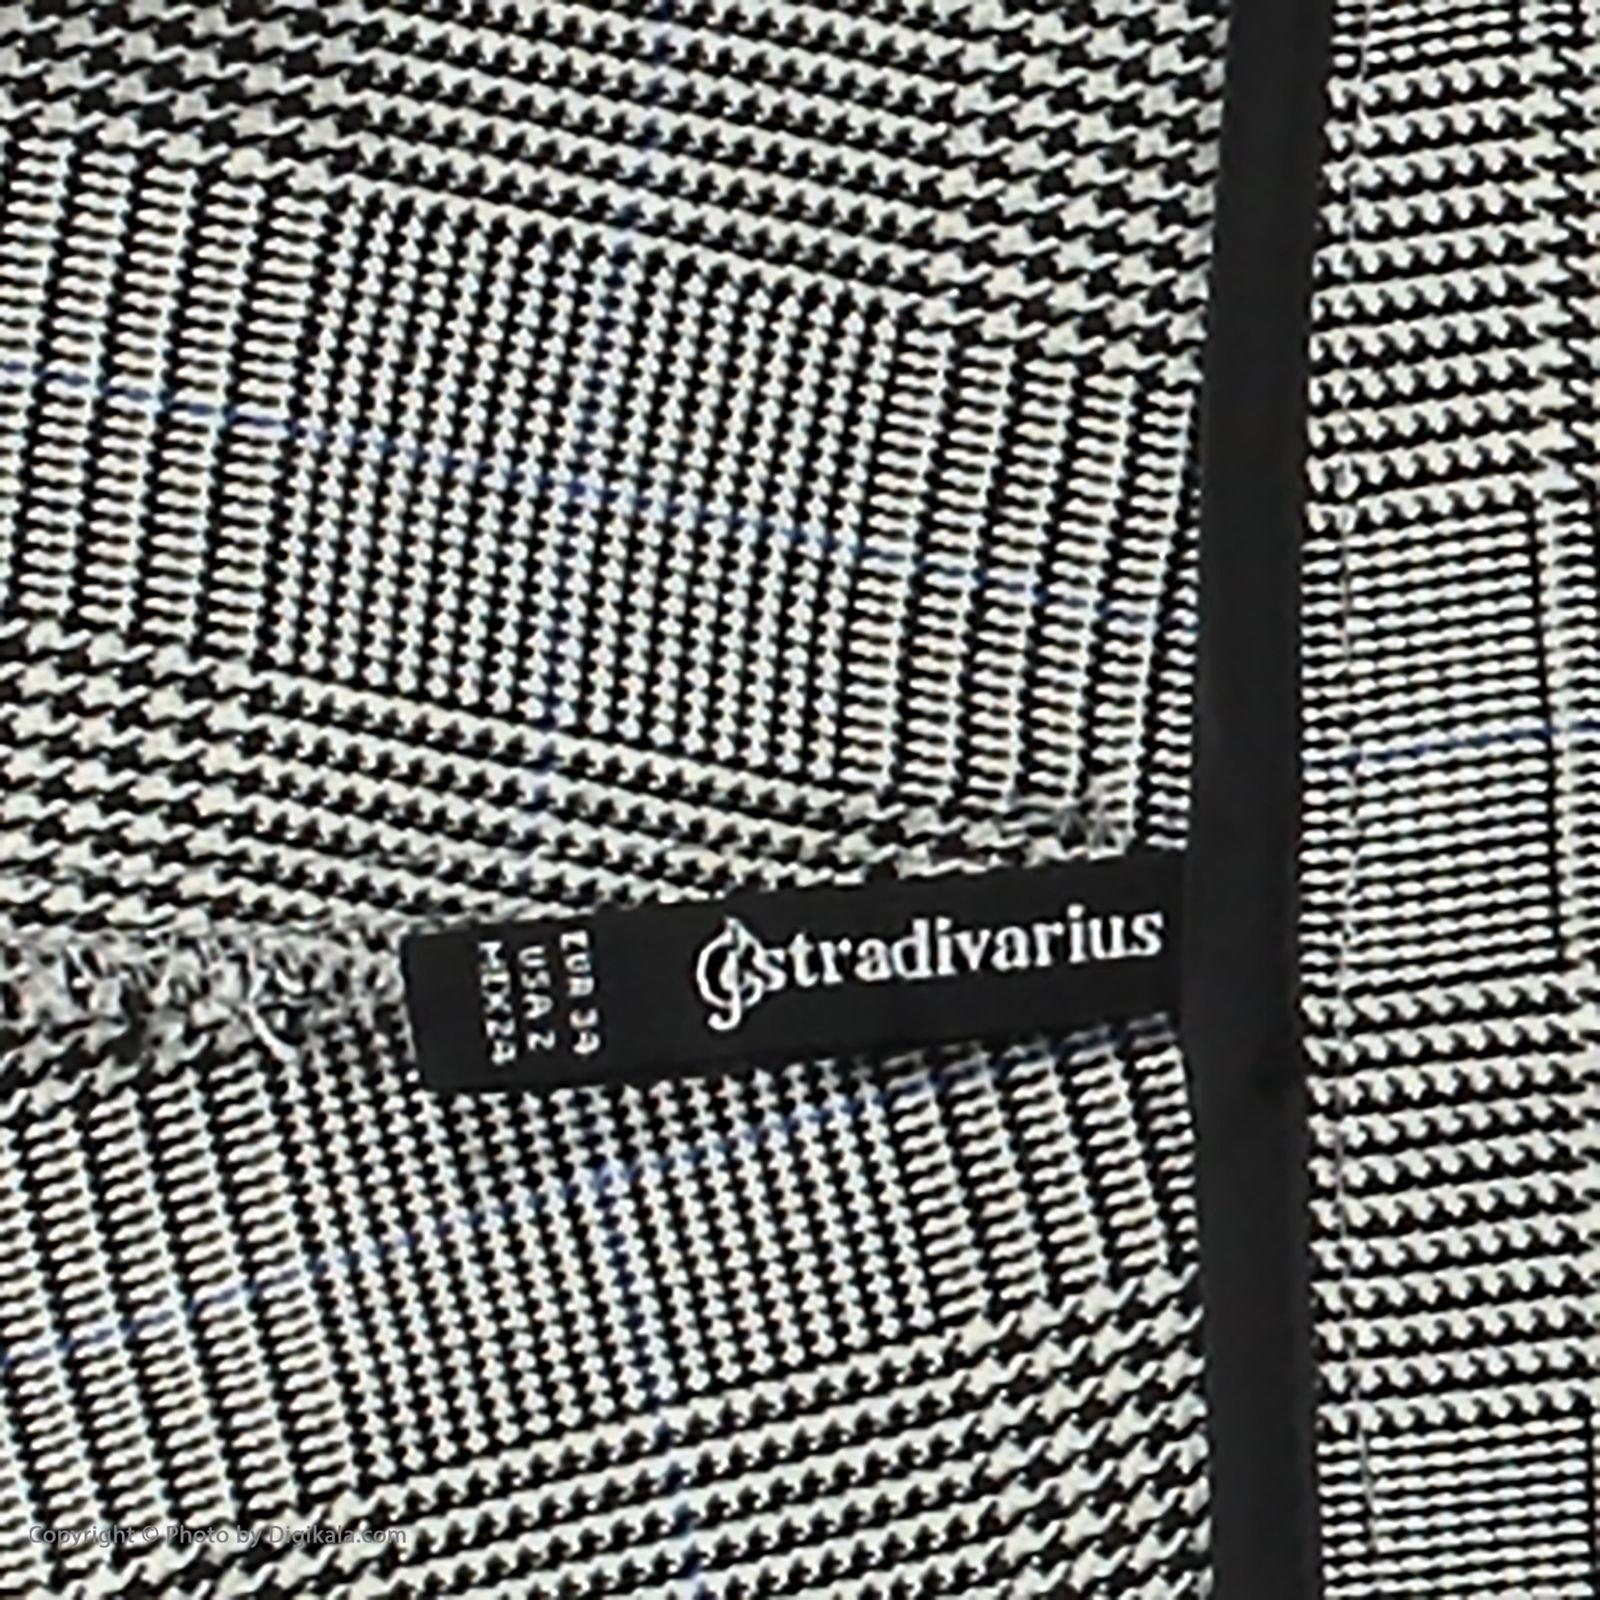 شلوار زنانه استرادیواریوس کد 170650 -  - 5